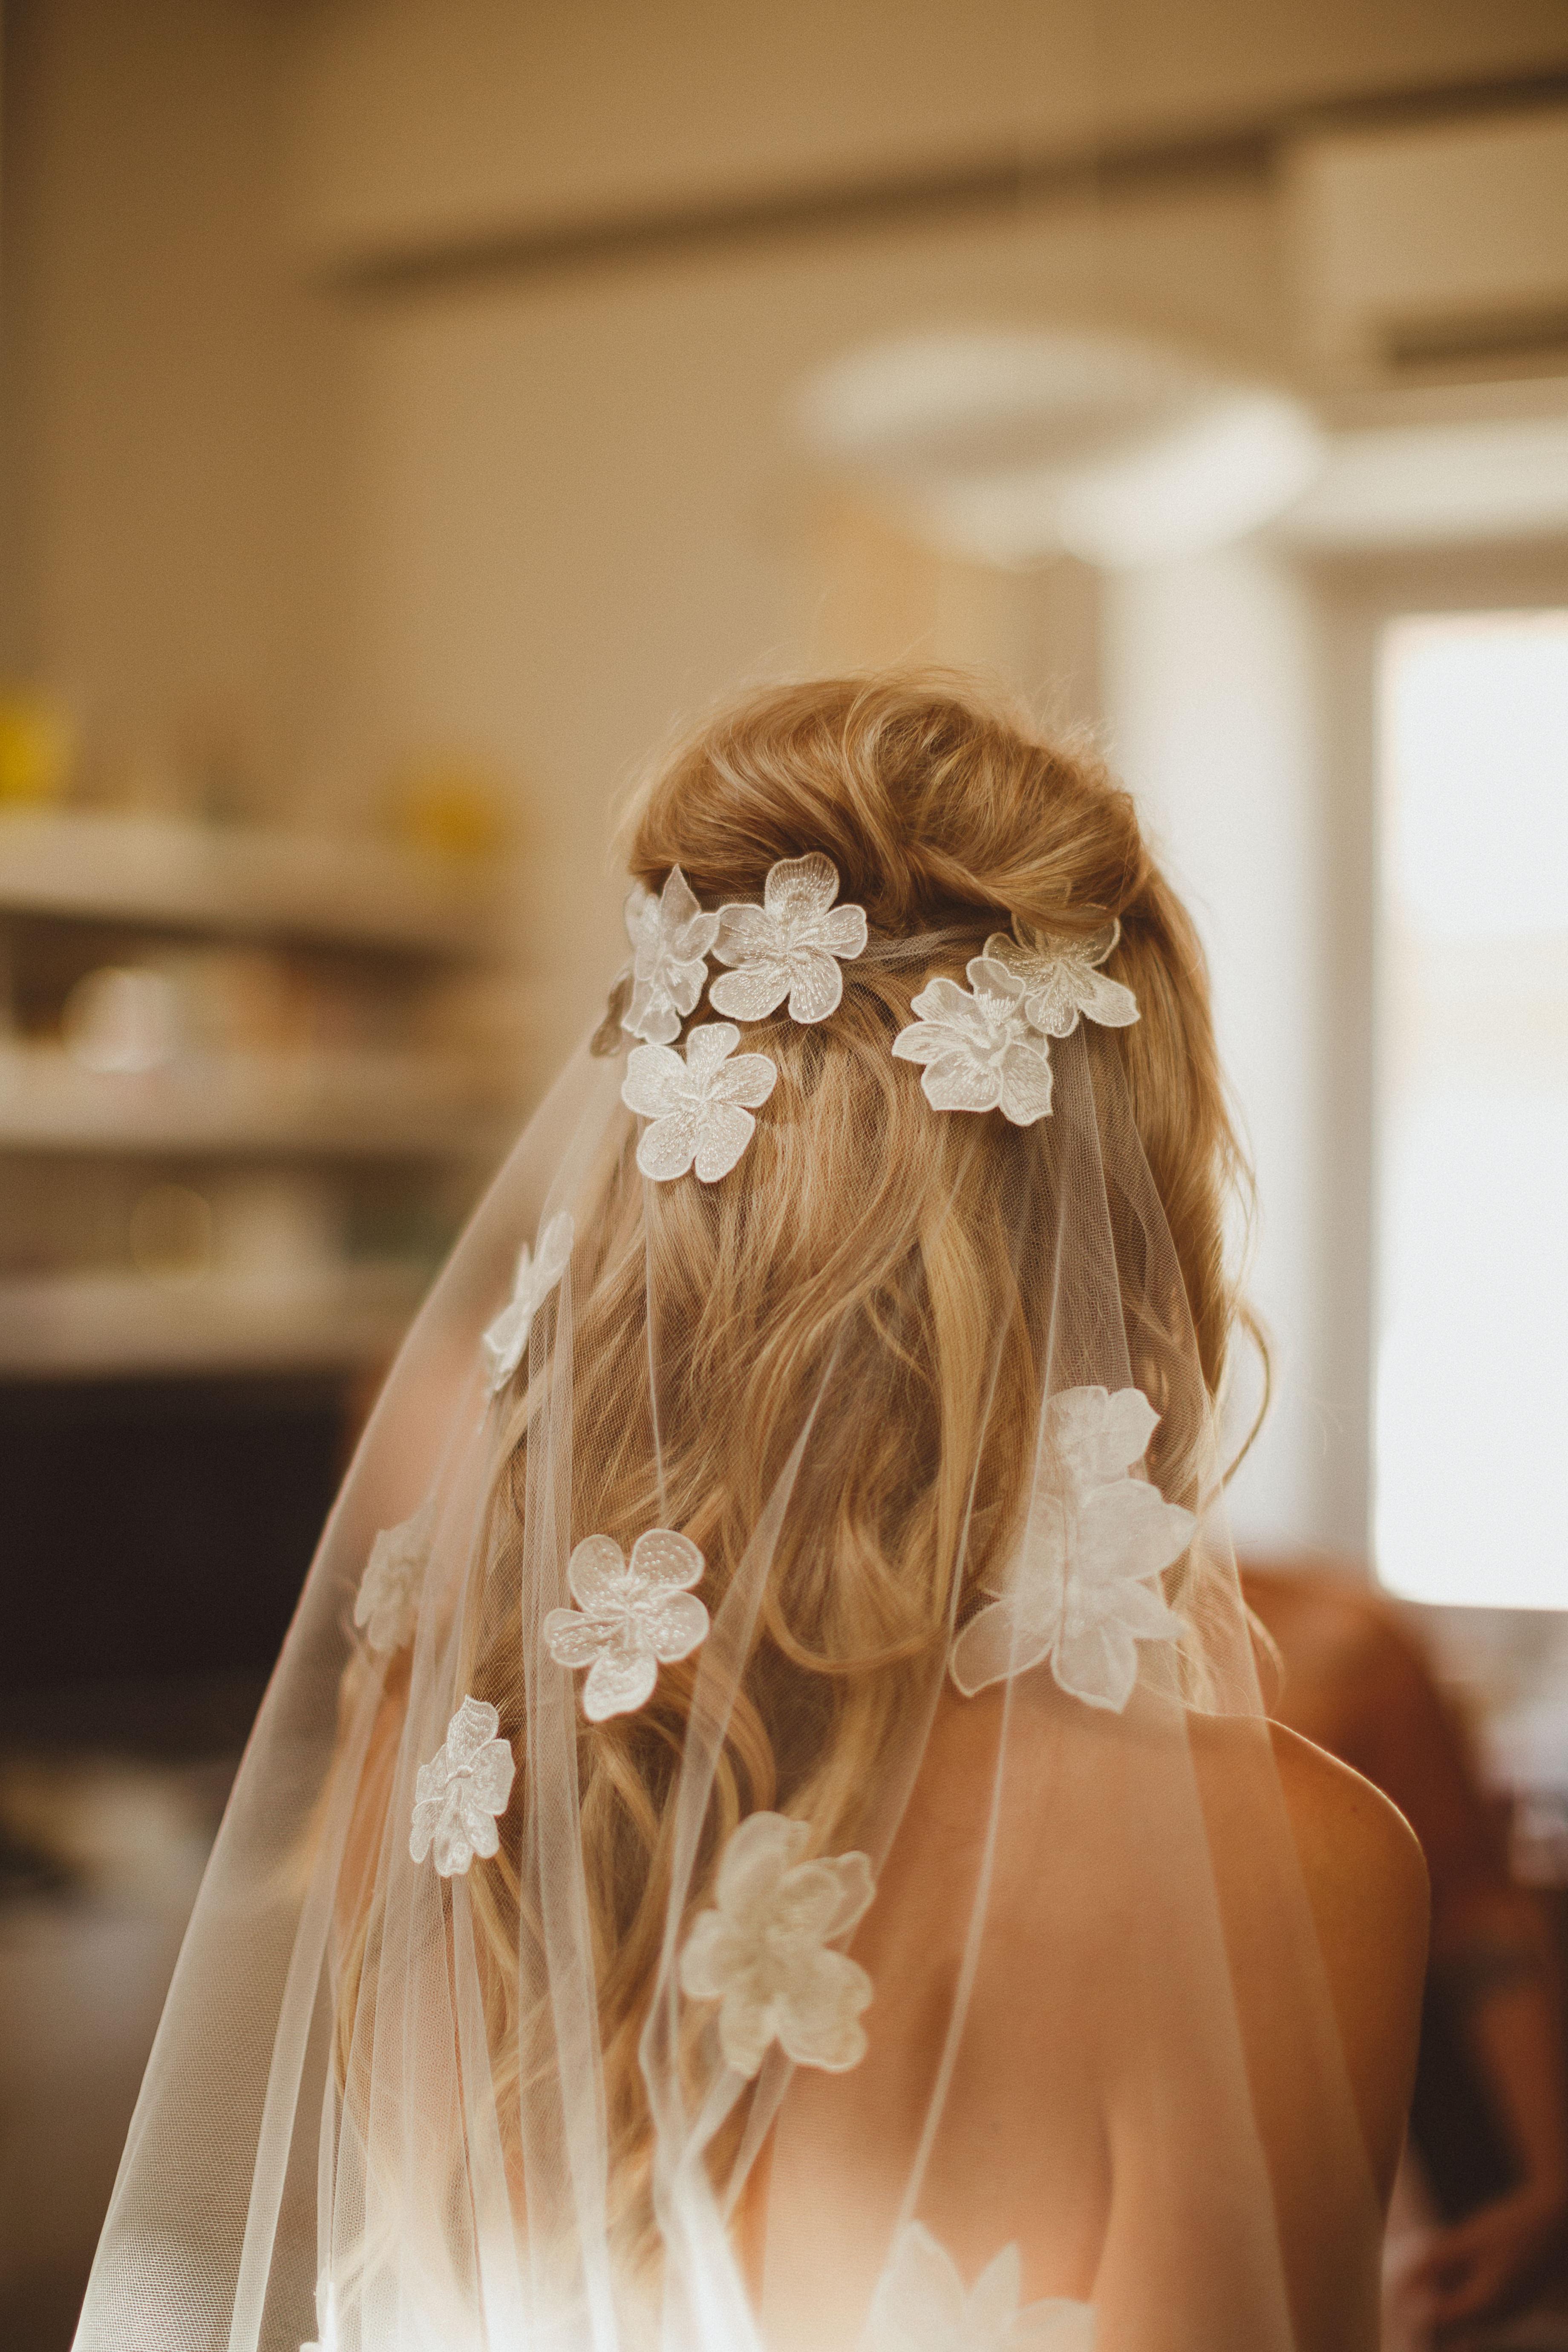 bride wearing veil with floral appliqués